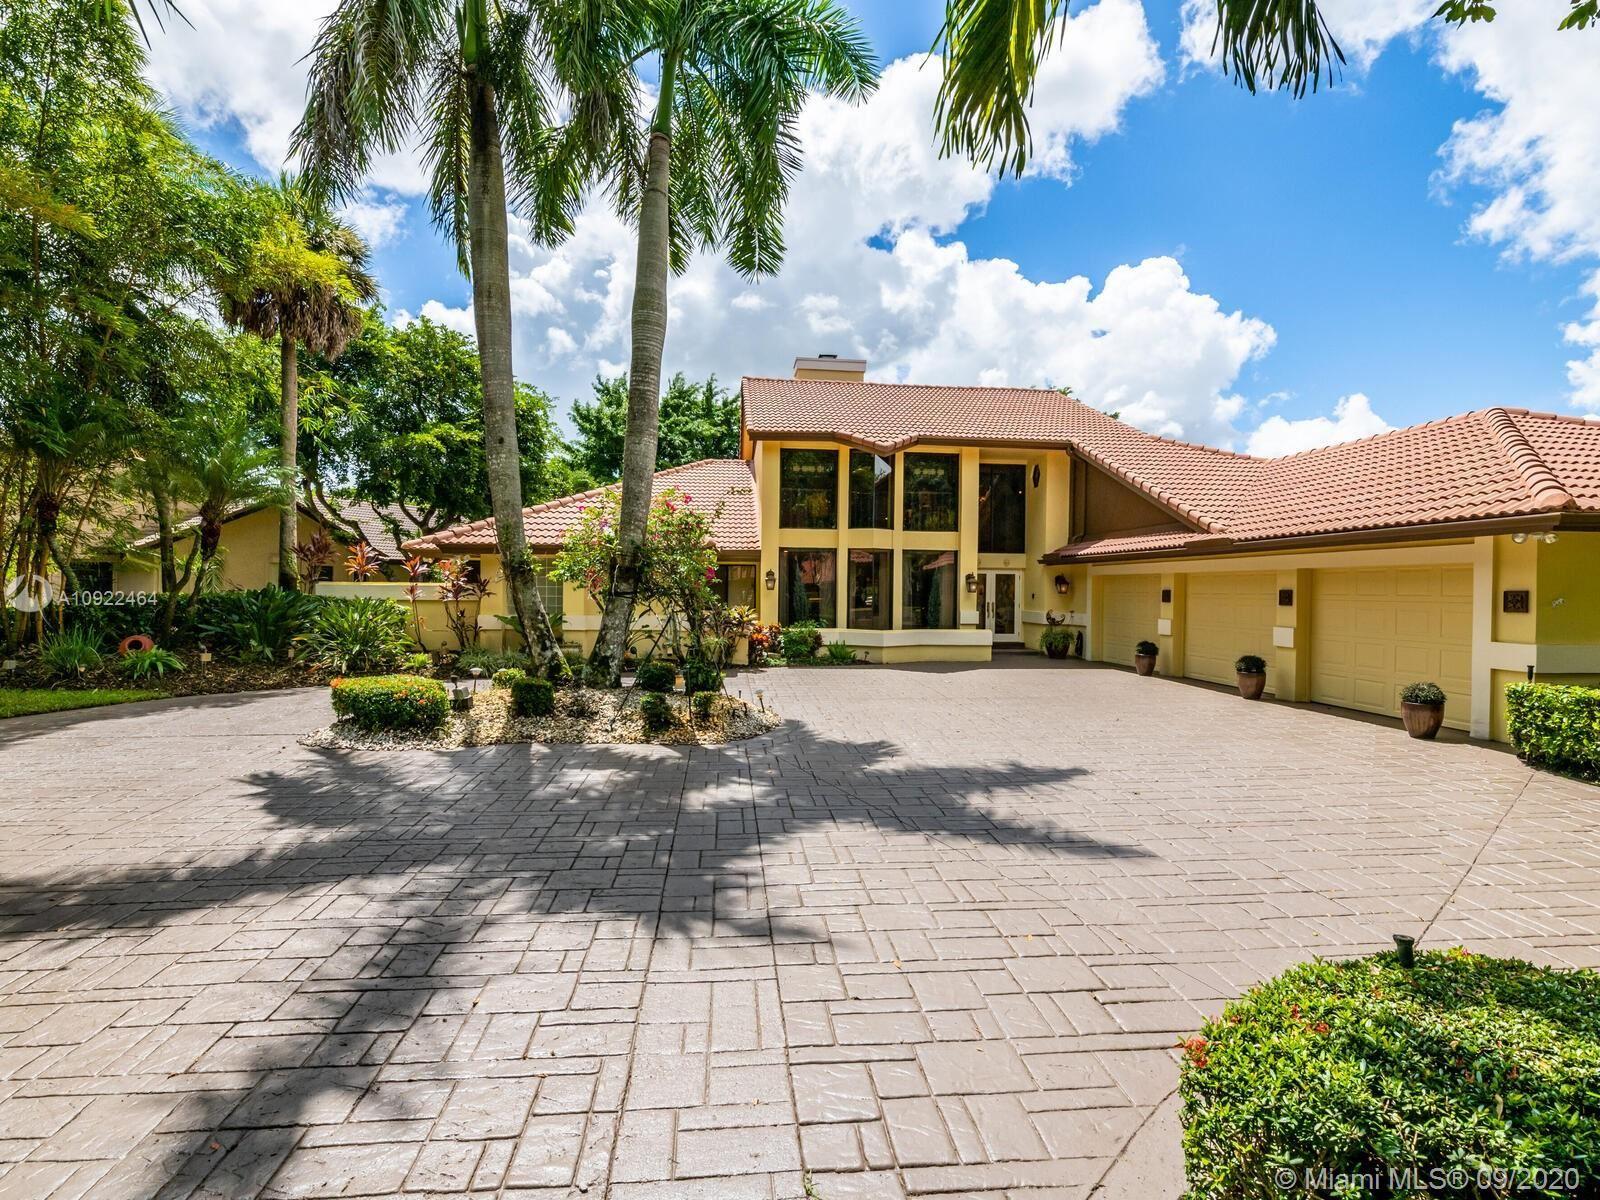 10258 Vestal Mnr, Coral Springs, FL 33071 - #: A10922464